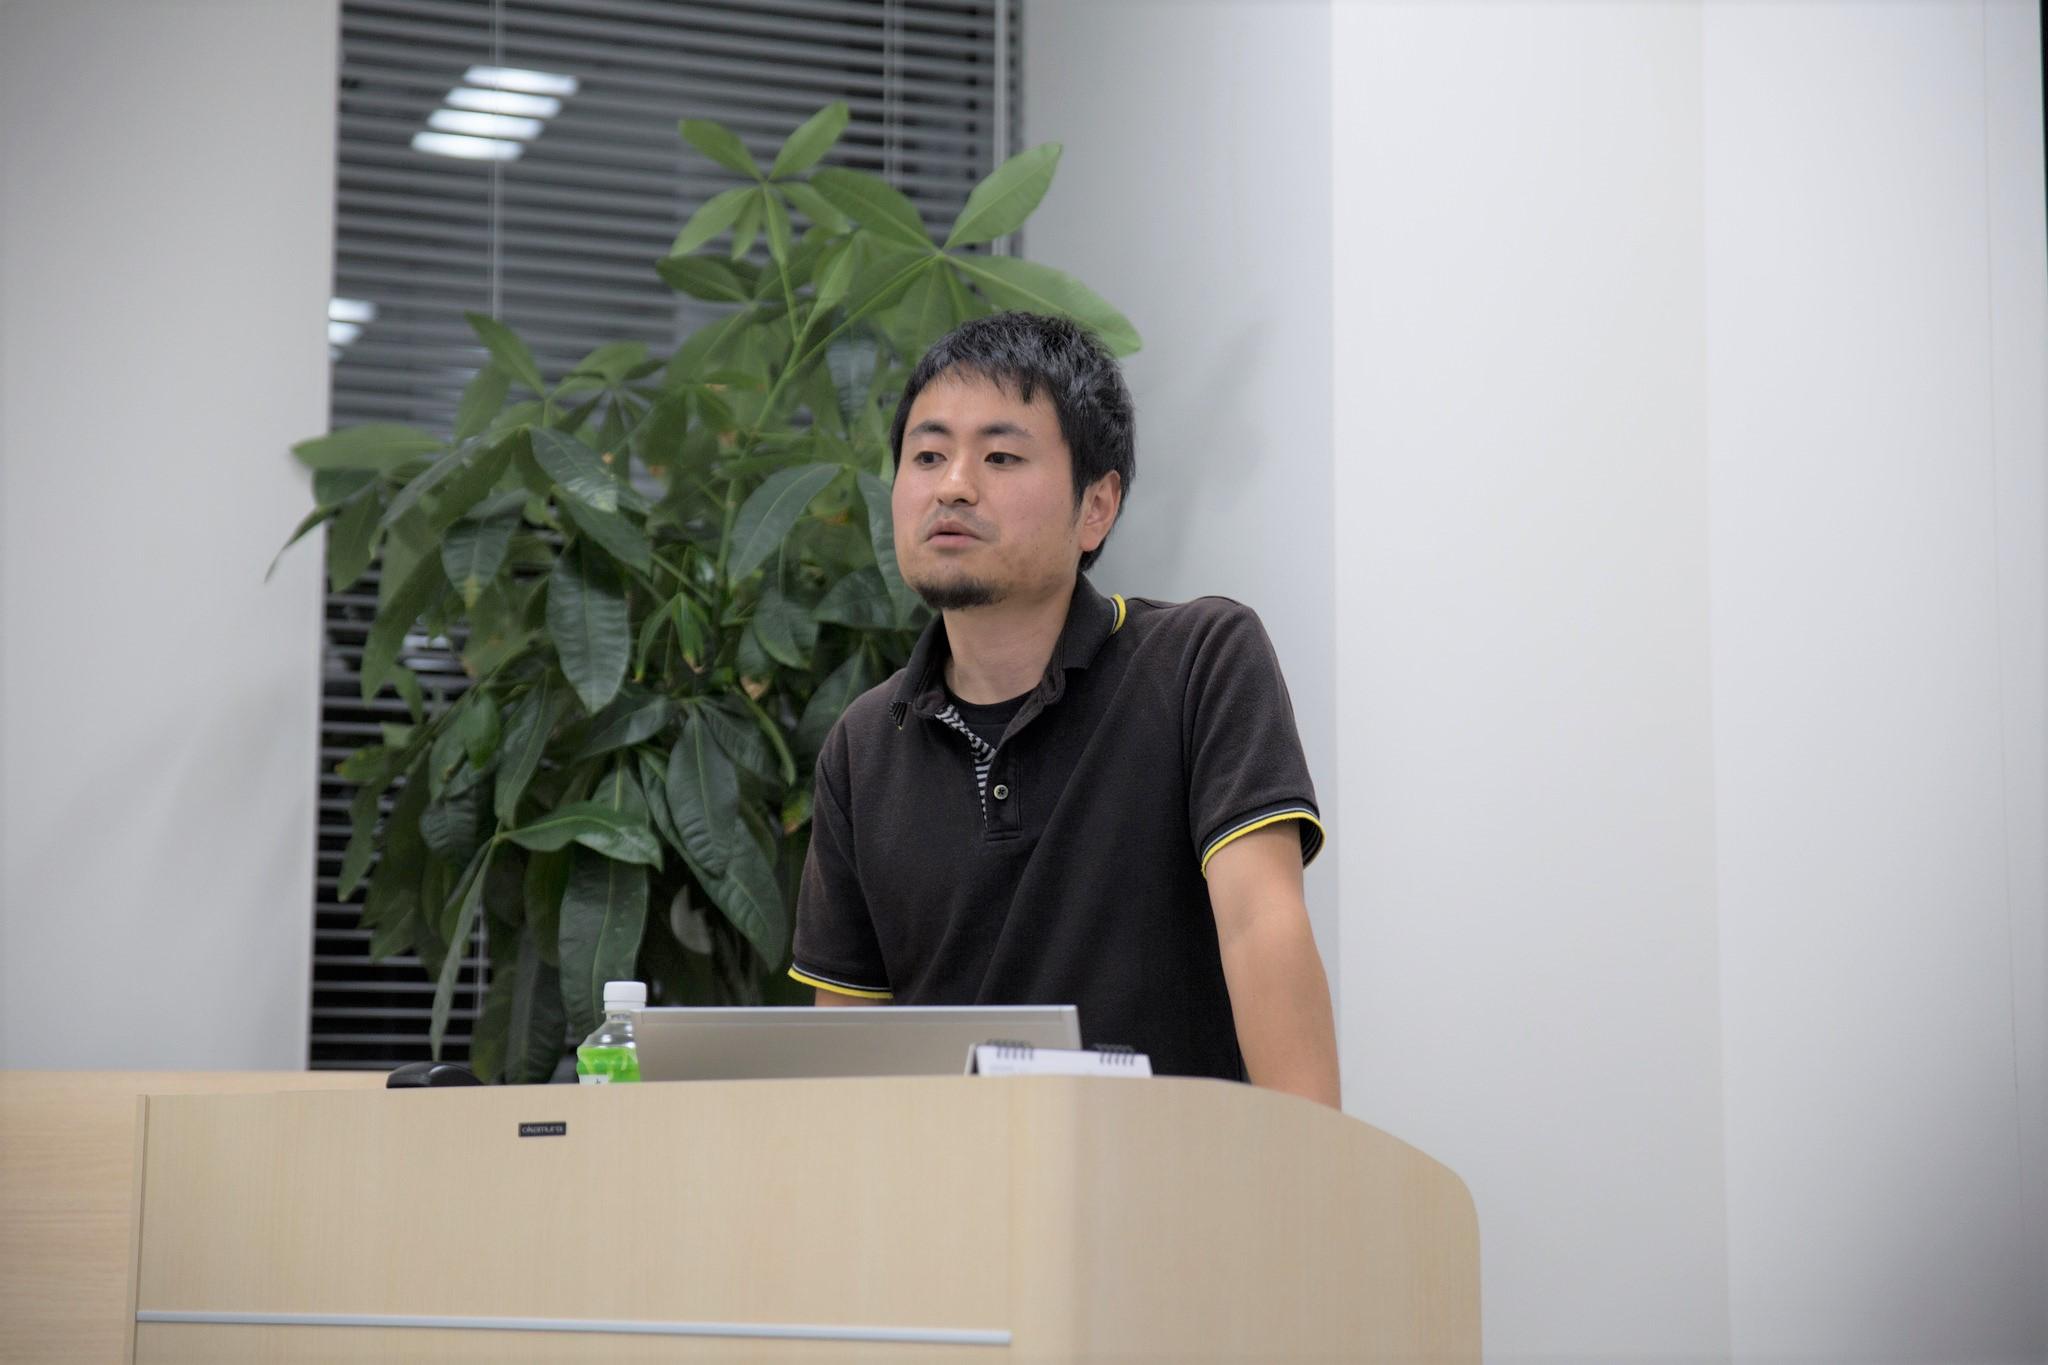 株式会社オルターブース 業務執行役員/Chief Technical Architect 松村 優大 様